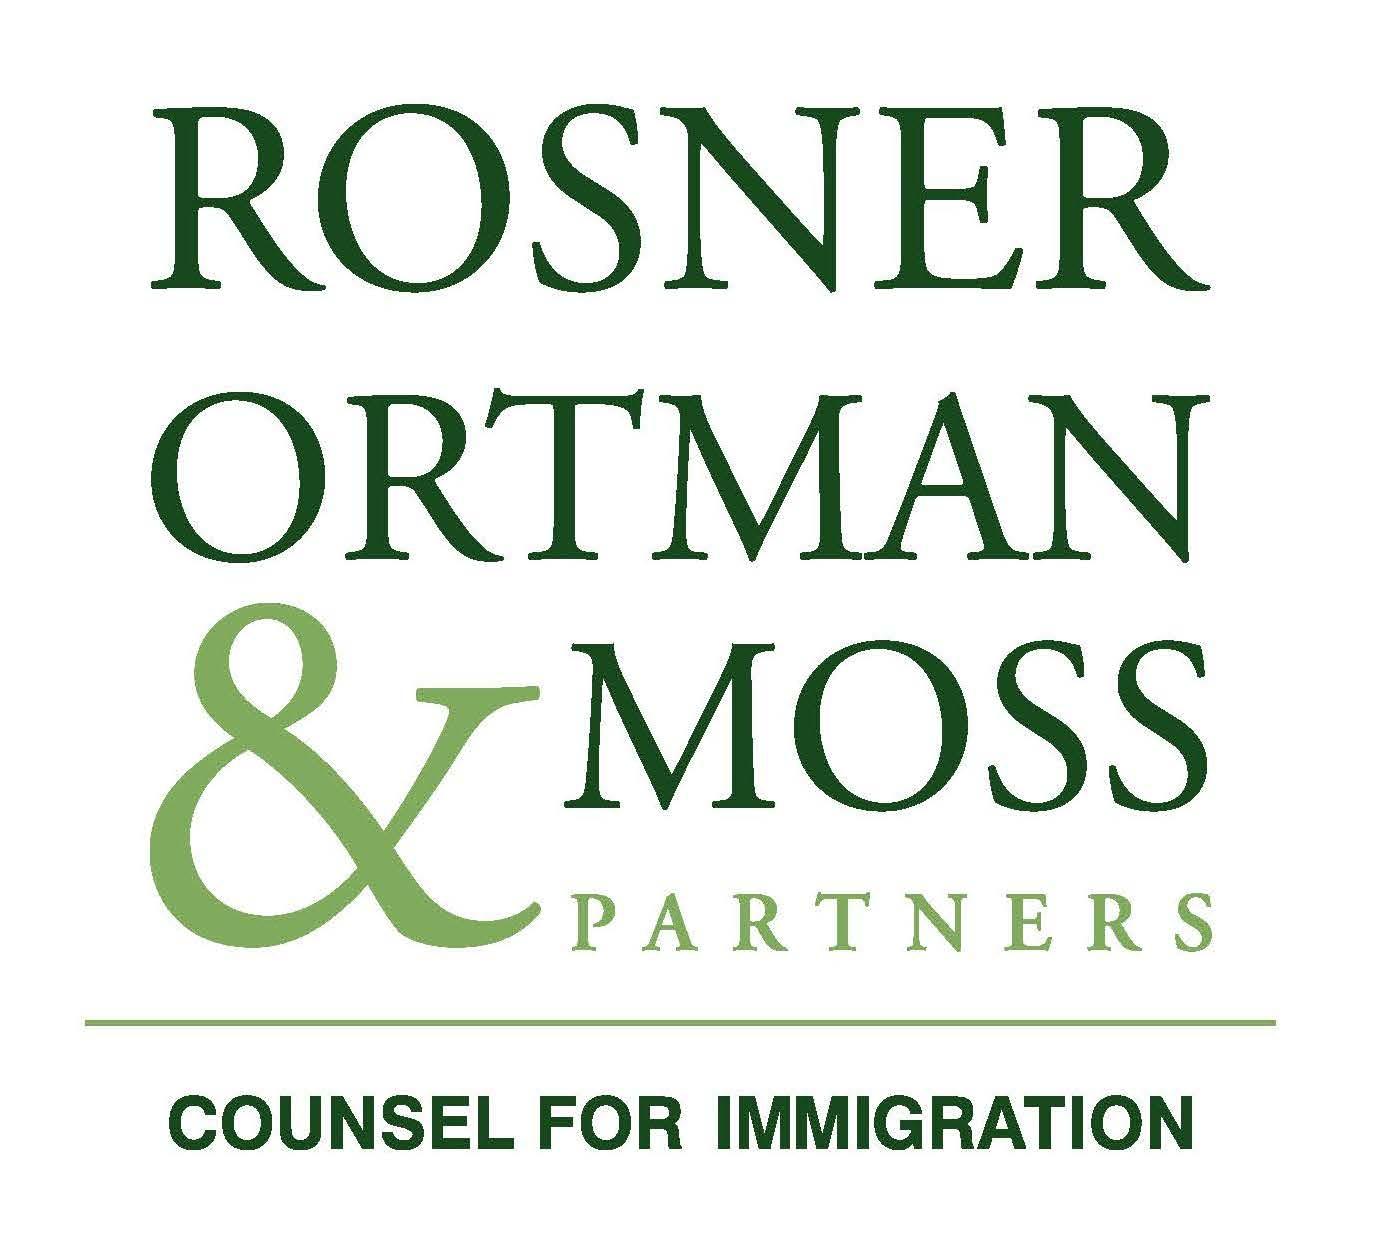 Rosner Ortman & Moss Partners